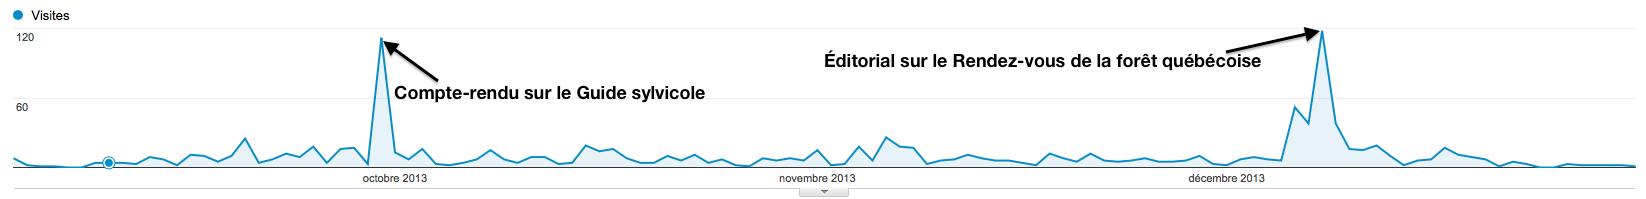 Automne2013Blogue_Graph